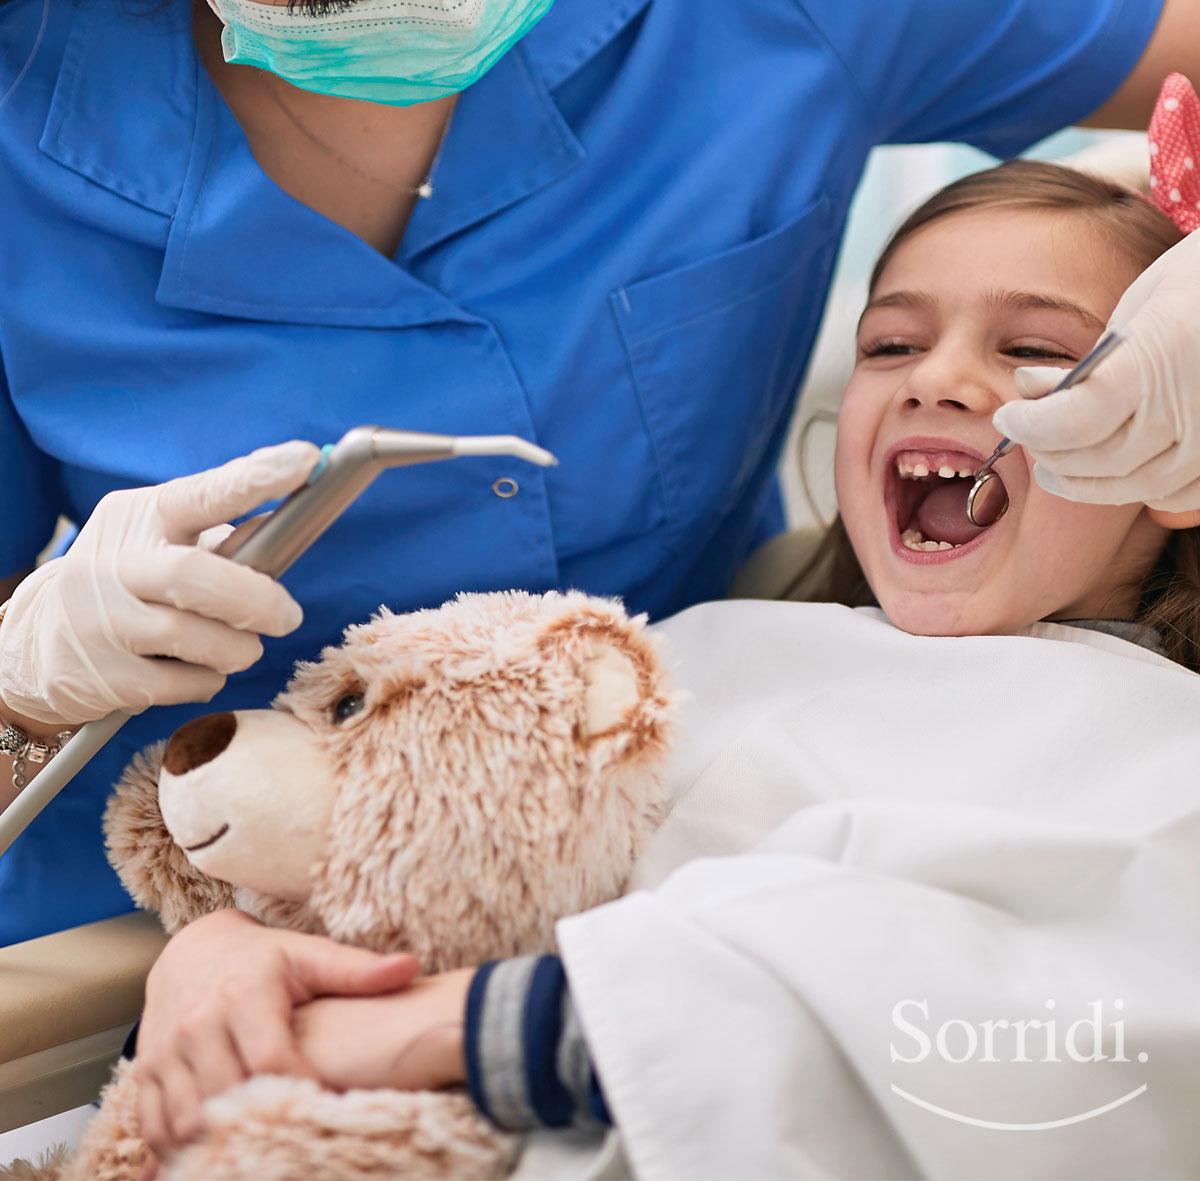 Sorridi-ch-magazine-prima-visita-dei-bambini-dal-dentista